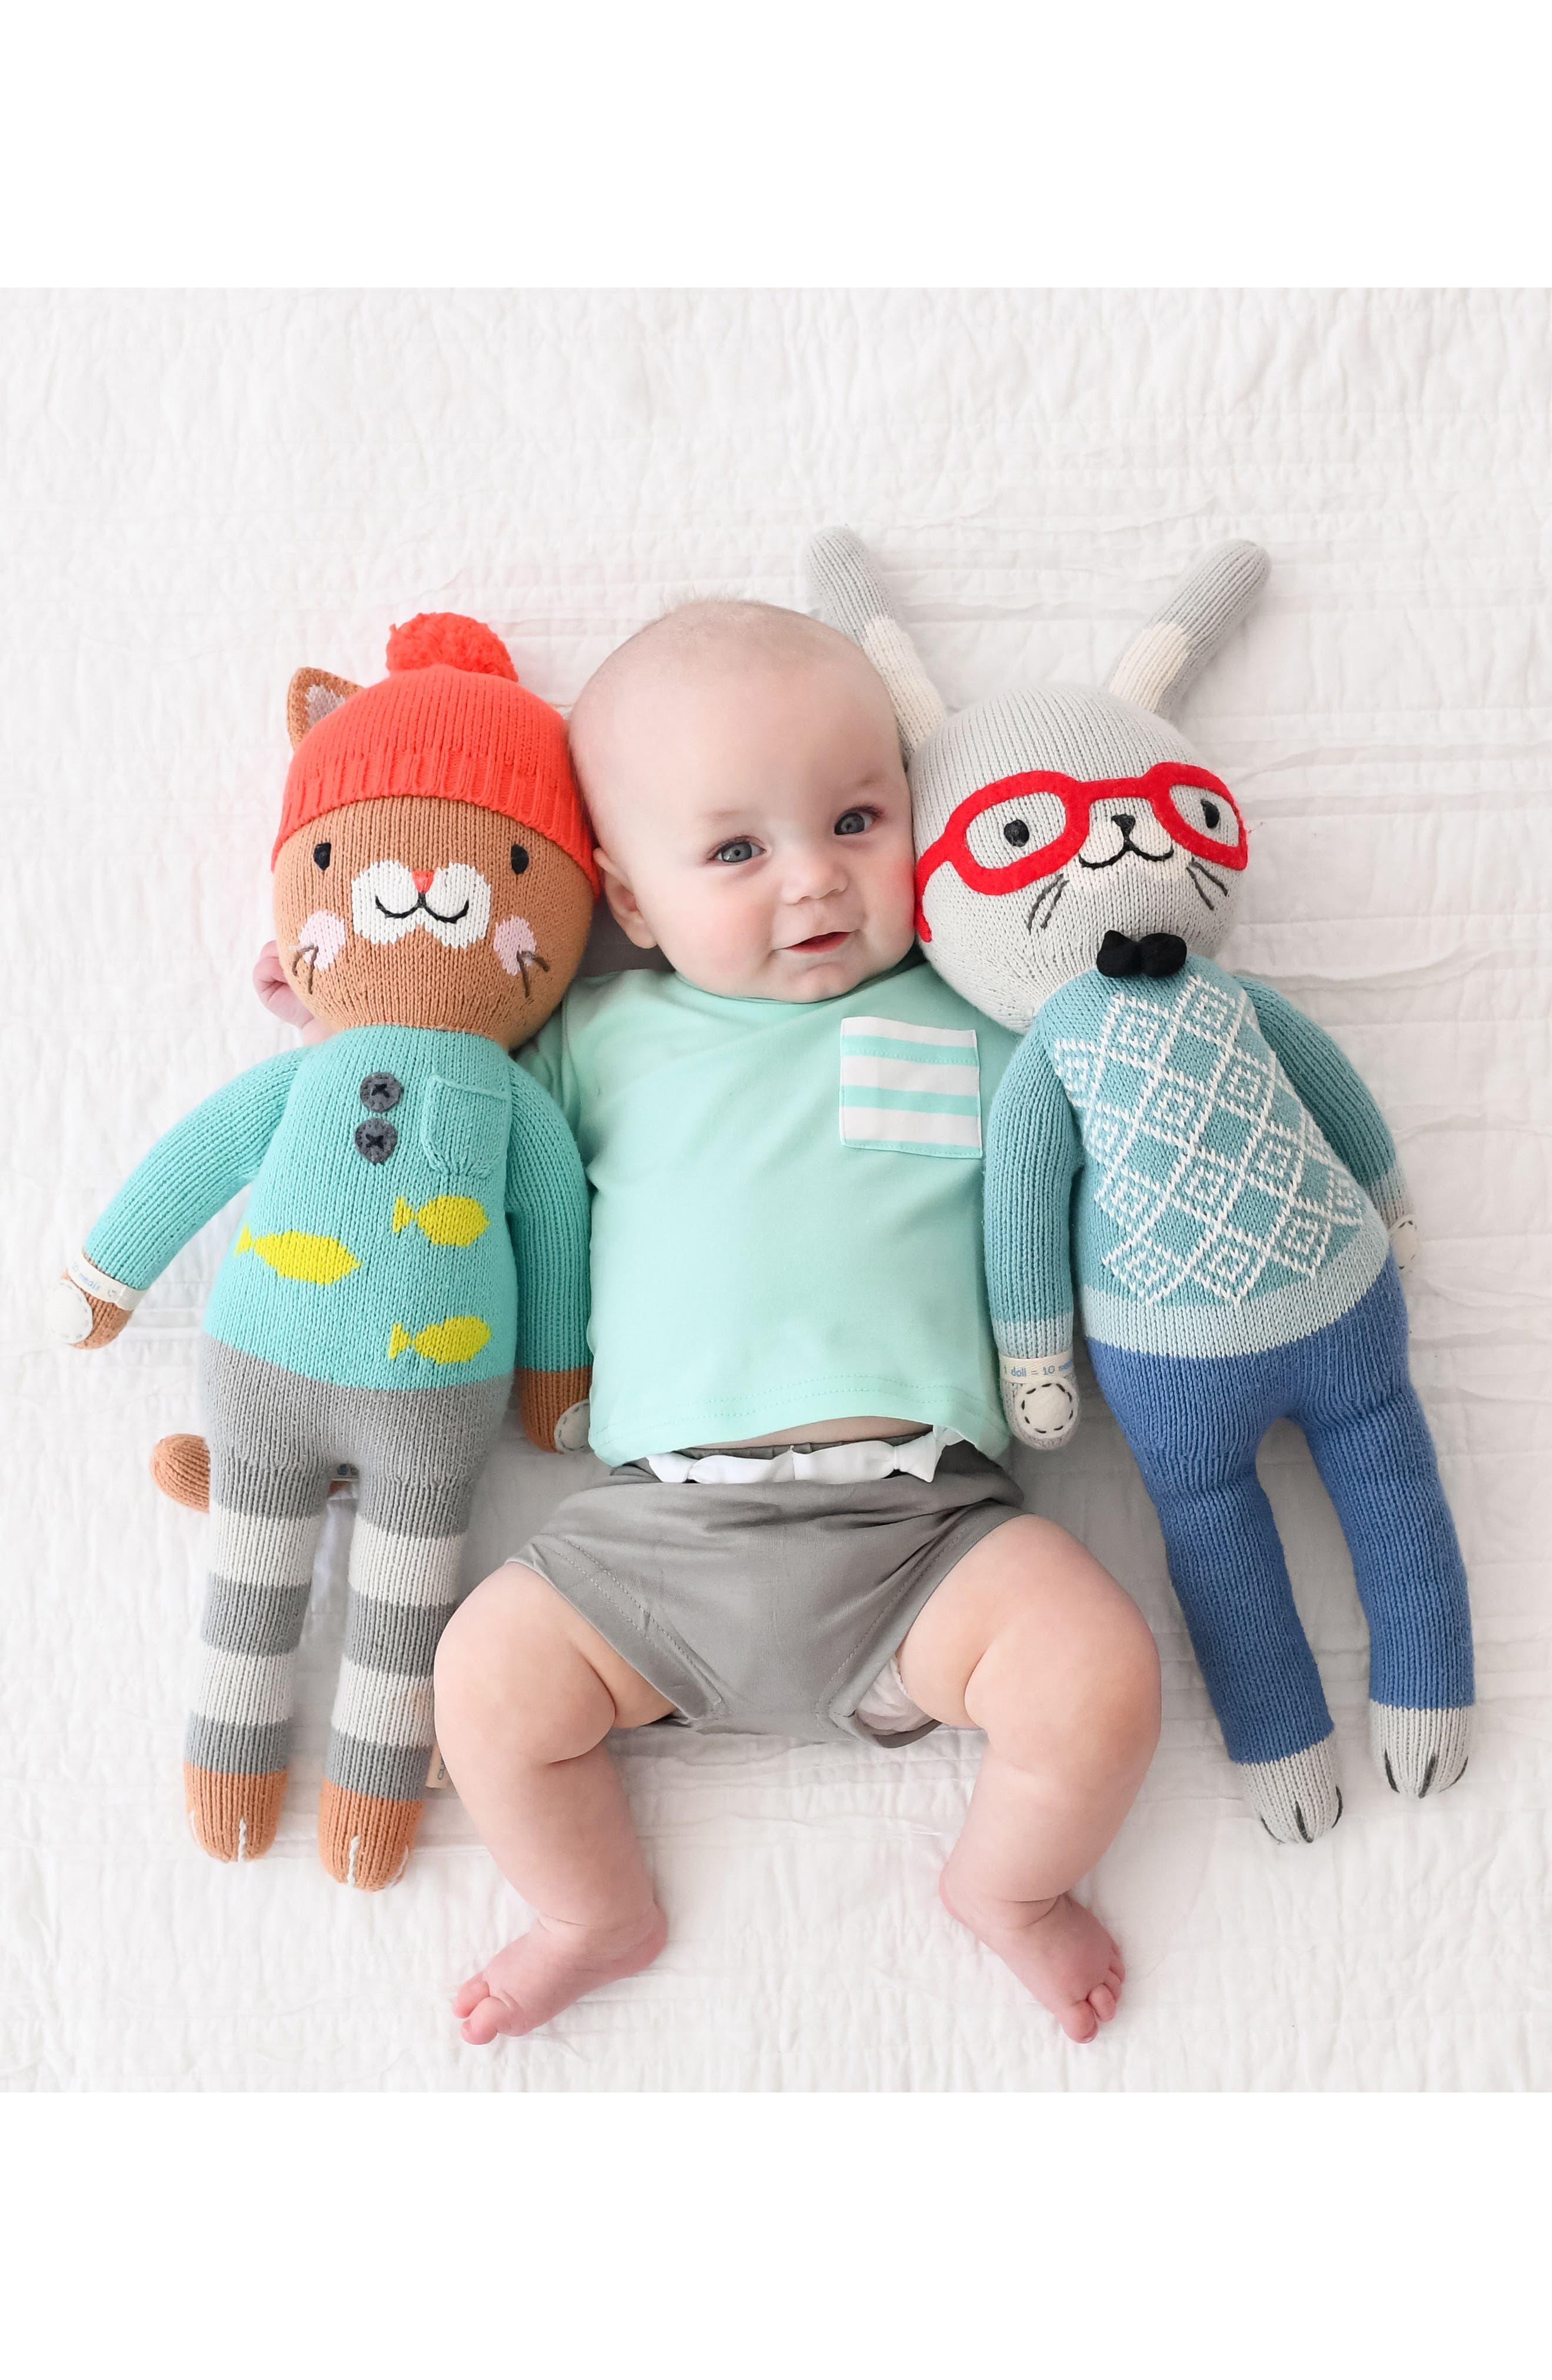 CUDDLE+KIND,                             cuddle + kind Sadie the Fox Stuffed Animal,                             Alternate thumbnail 4, color,                             400